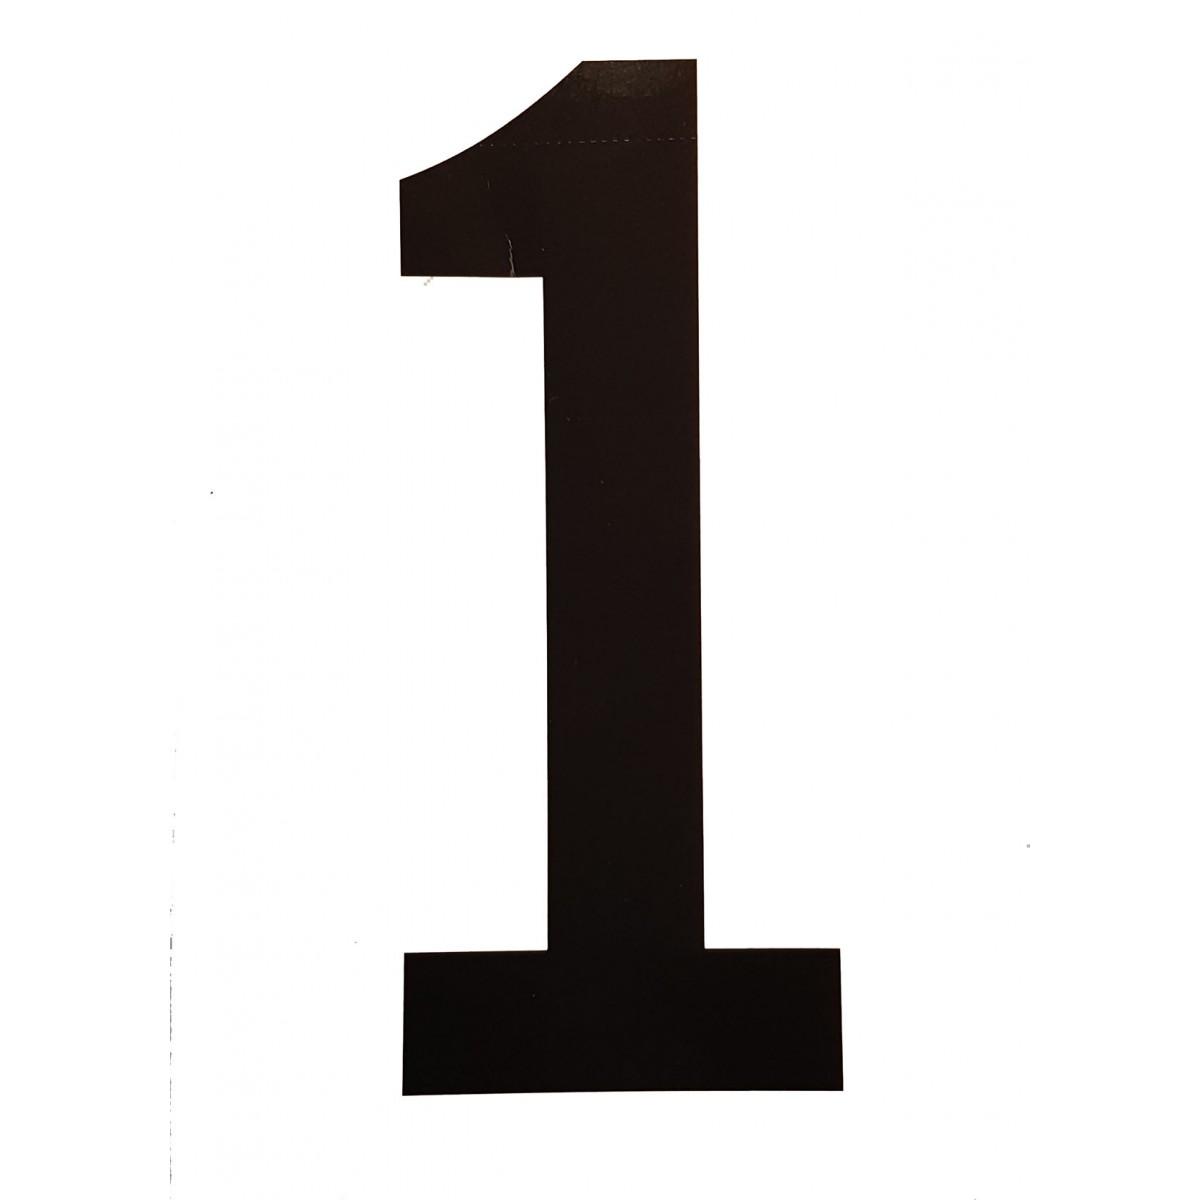 Chiffres de 0 à 9 pour portes numéros